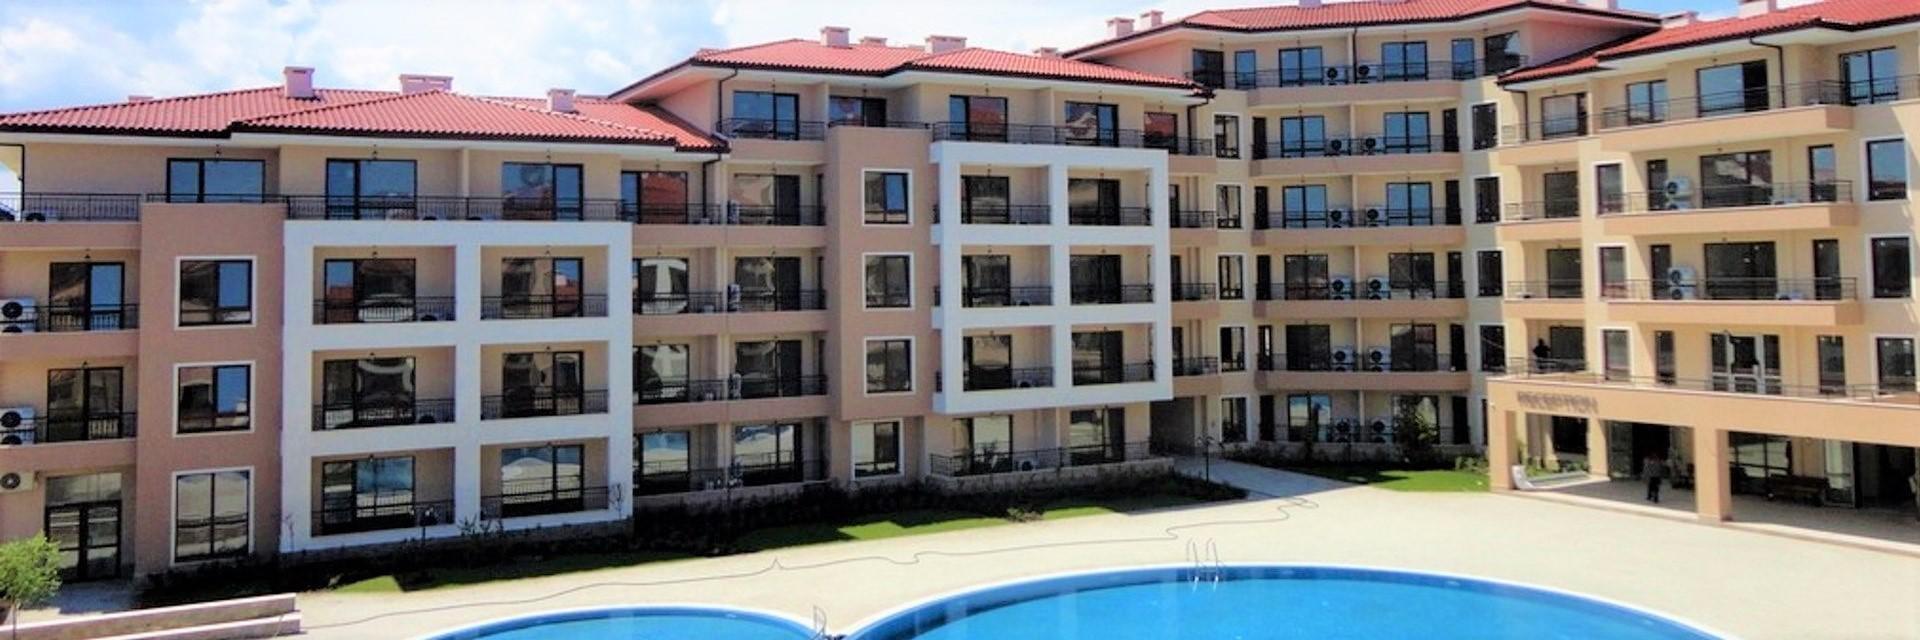 Апартаменти на изплащане за 4 години в Свети Влас